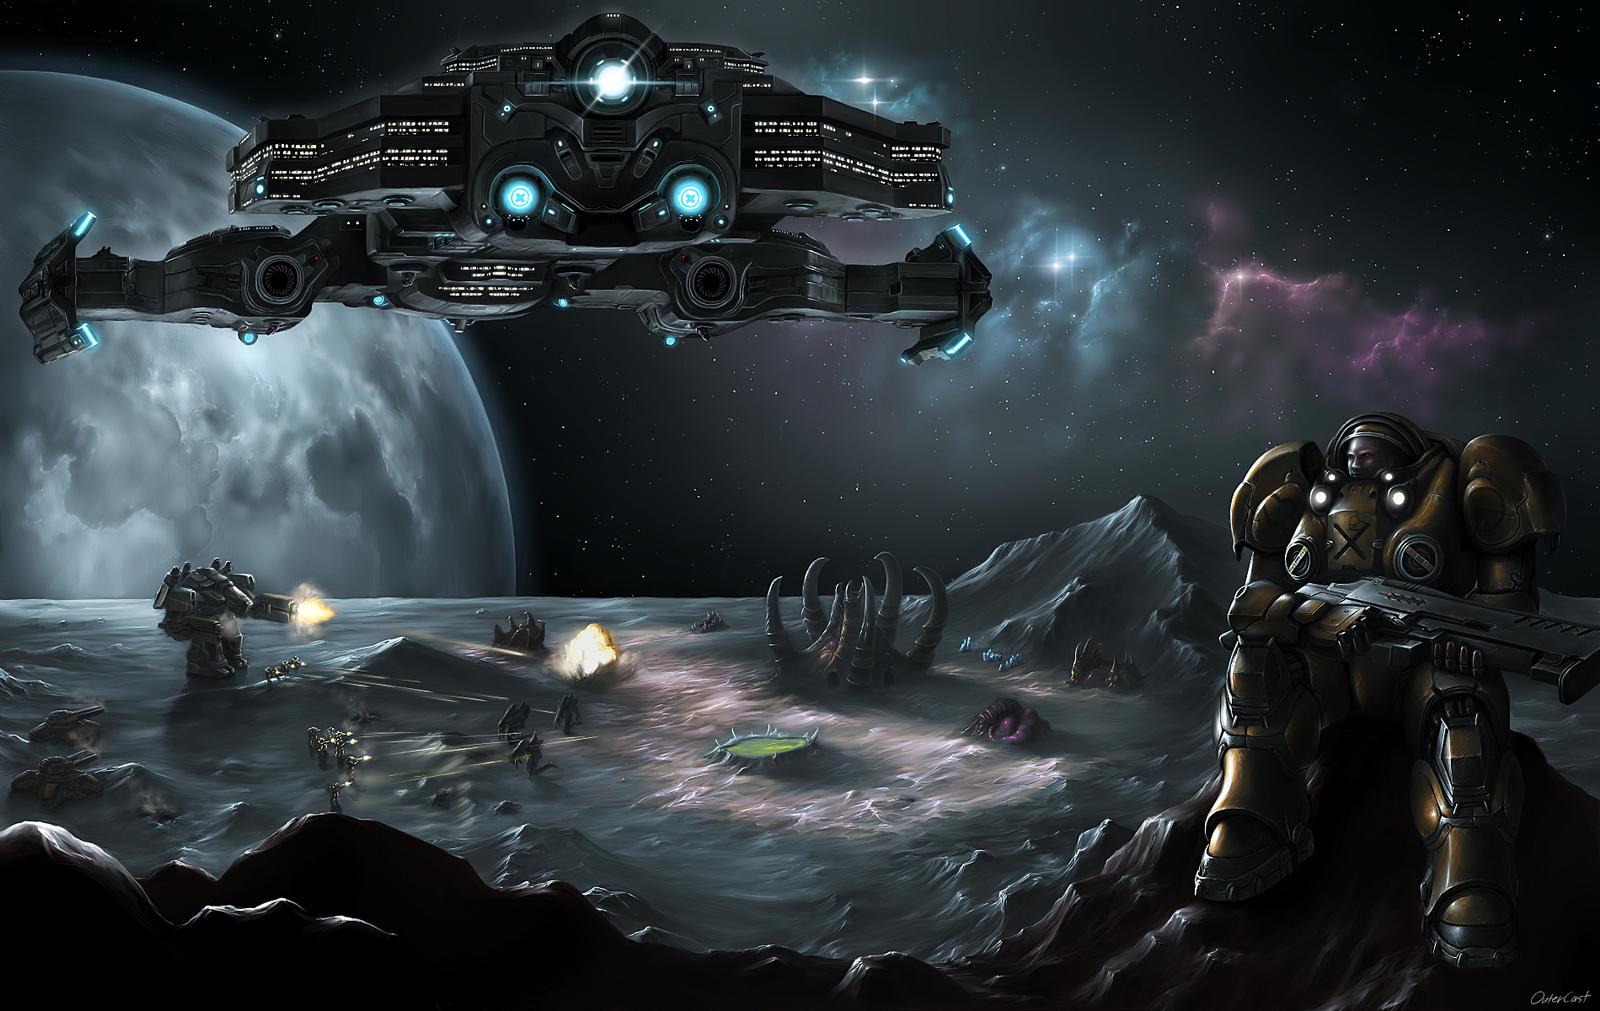 Starcraft 2 conquest by outerkast on deviantart - Starcraft 2 wallpaper art ...